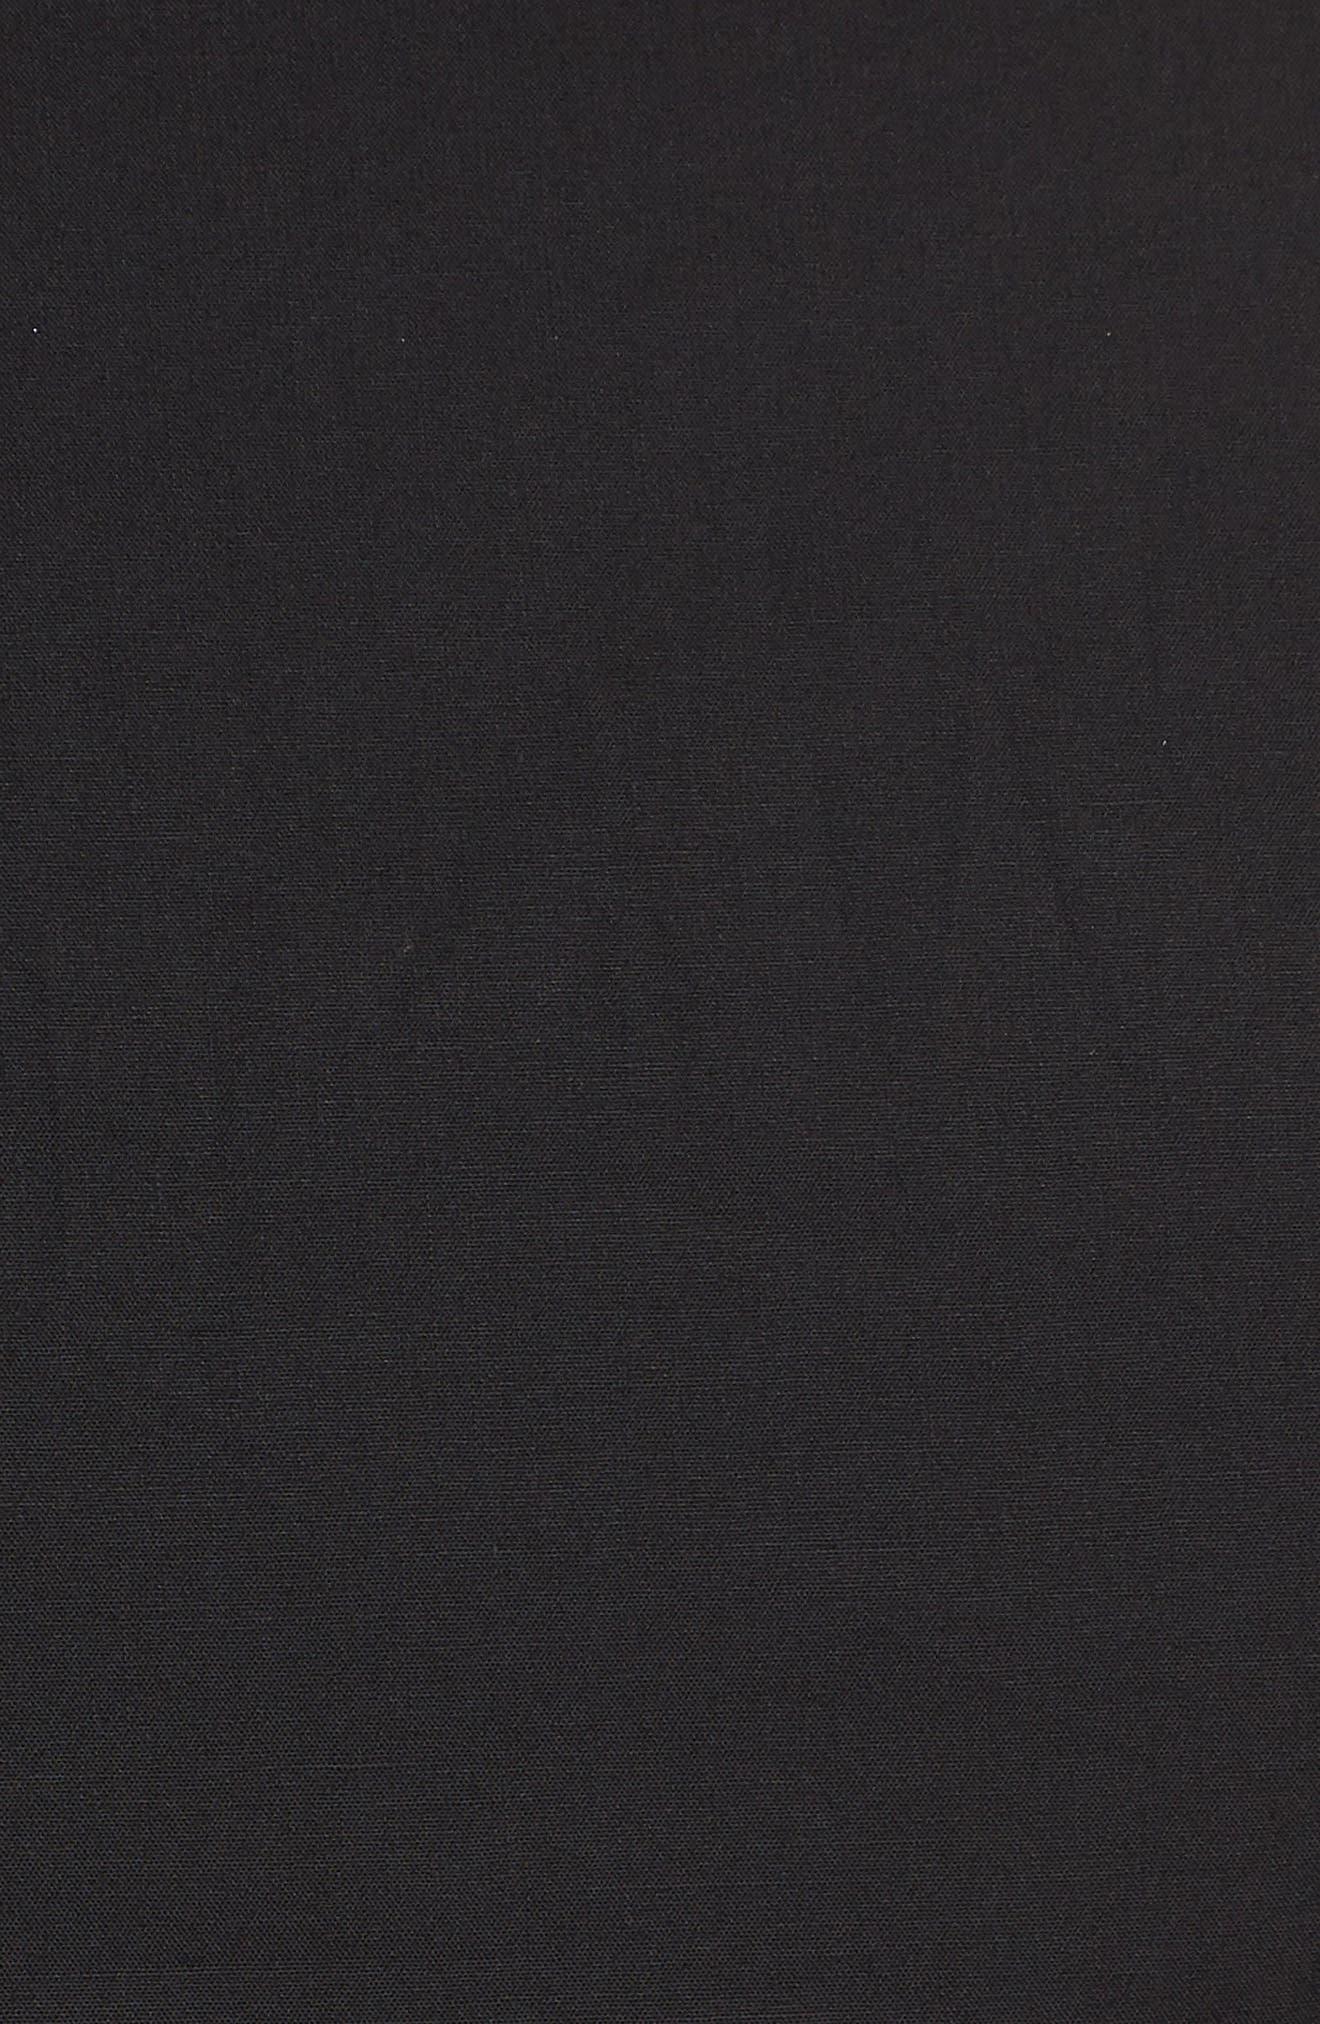 Delilah Maxi Dress,                             Alternate thumbnail 5, color,                             Black